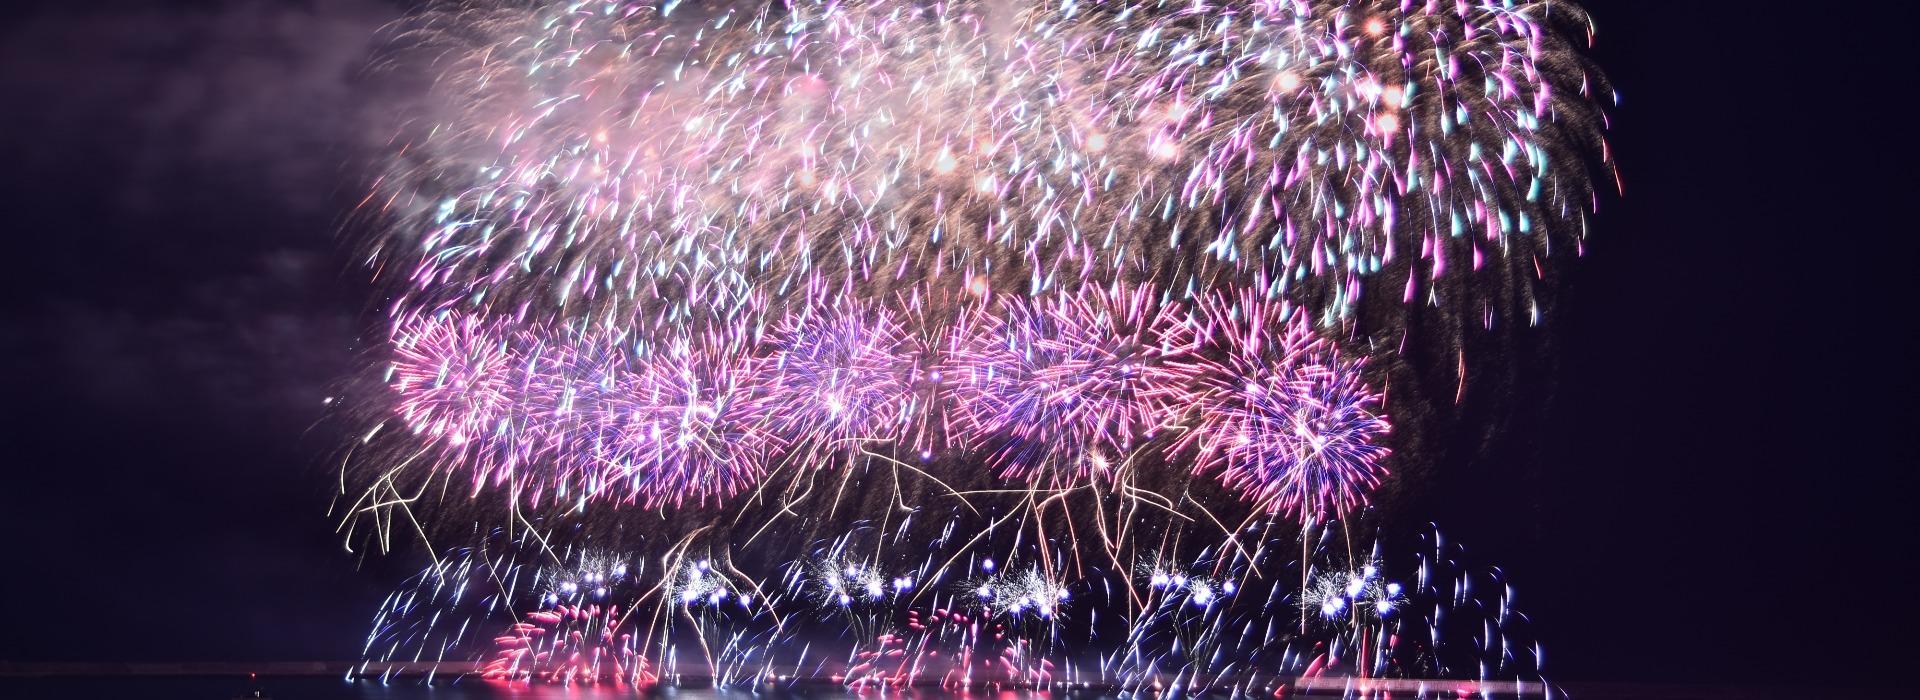 花蓮國慶2萬顆焰火點亮夜空   36分鐘美麗不停歇